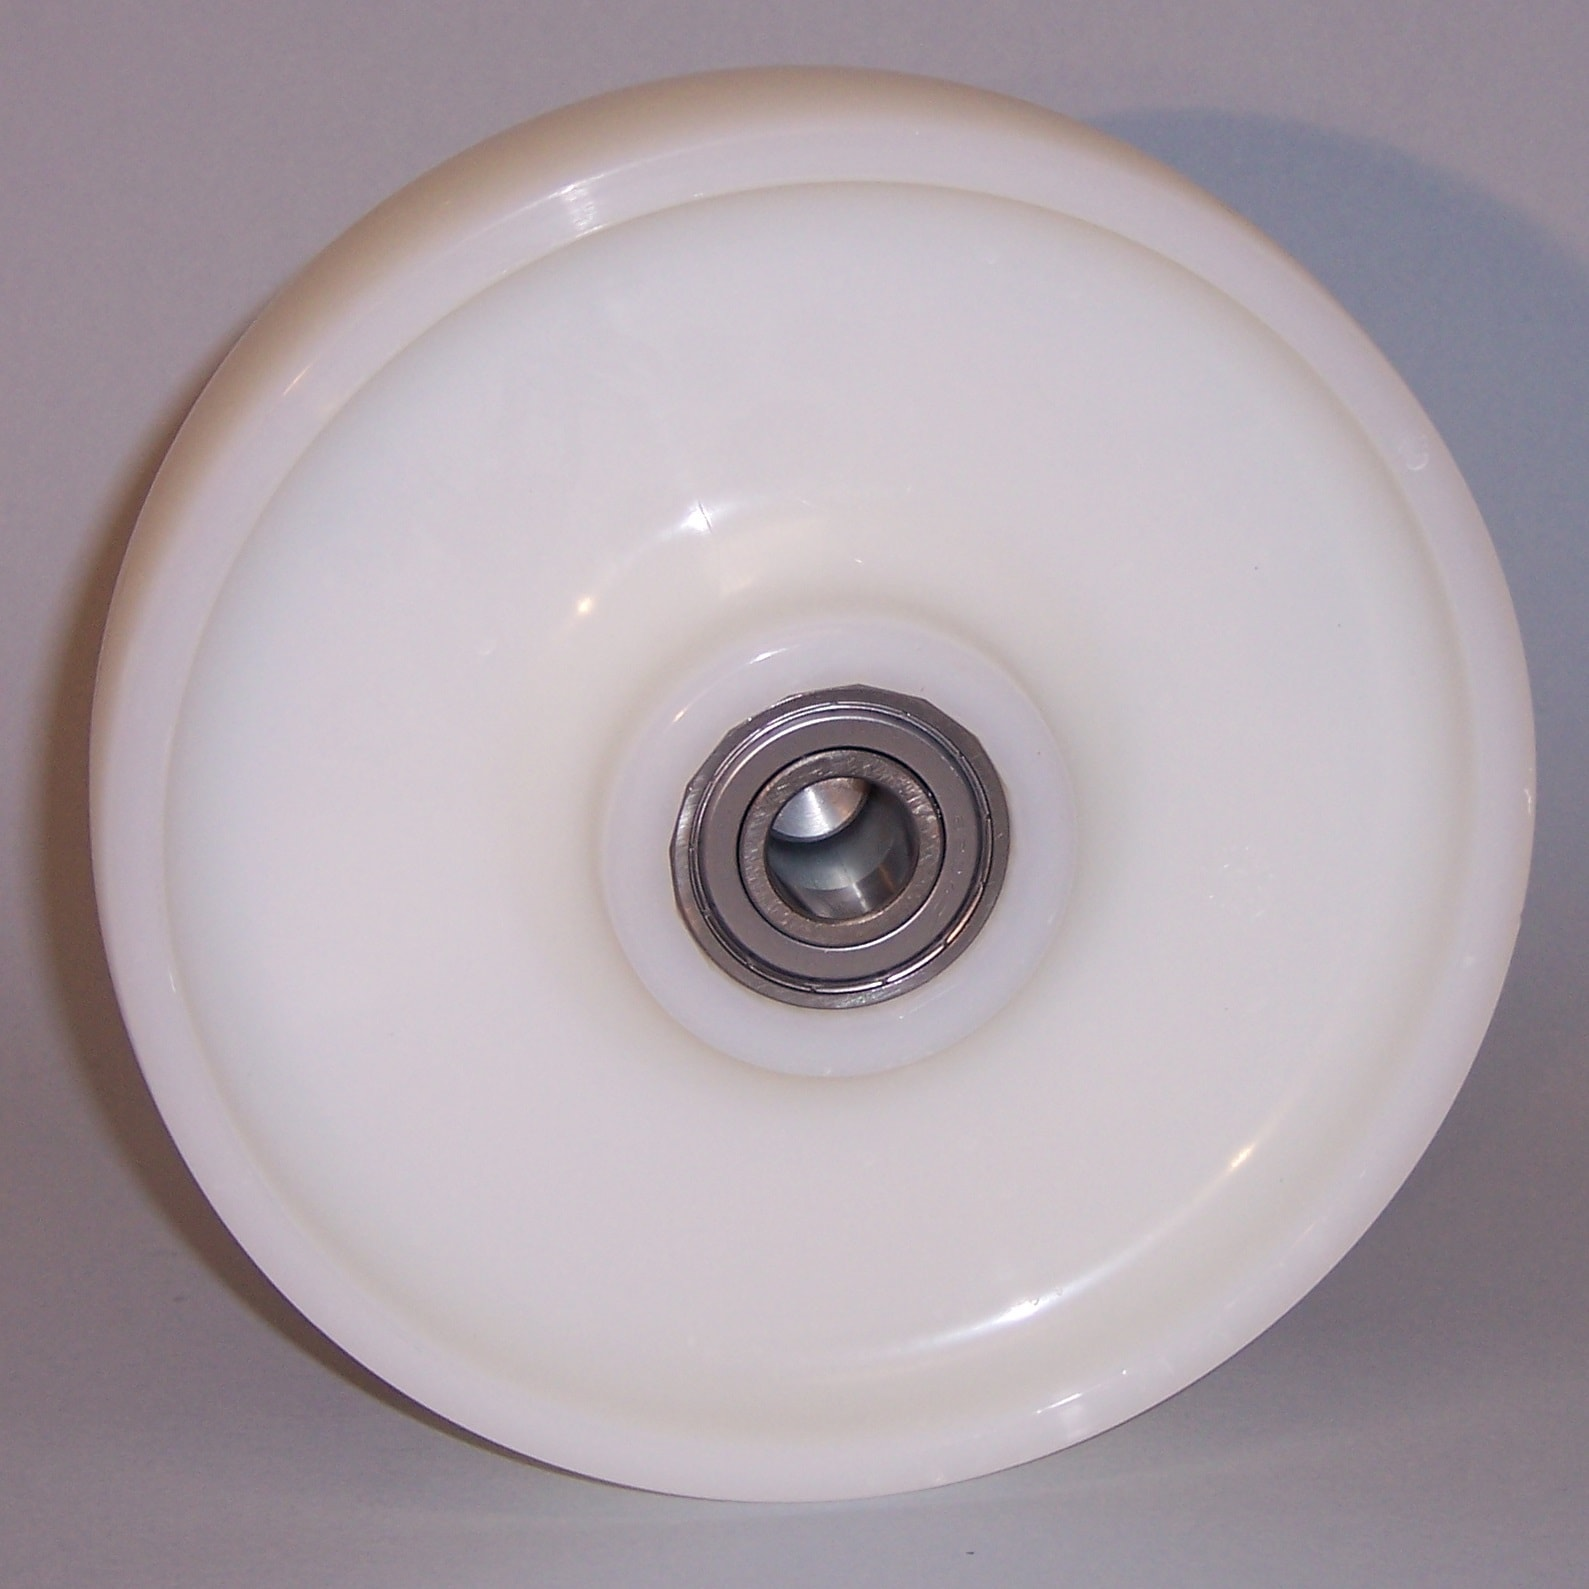 Ruote serie P Ruote monolitiche in polyammide 6 disponibili con cuscinetti a sfere di precisione schermati o inox, rullini standard o inox e a foro passante. Ruota con cuscinetti a sfere.